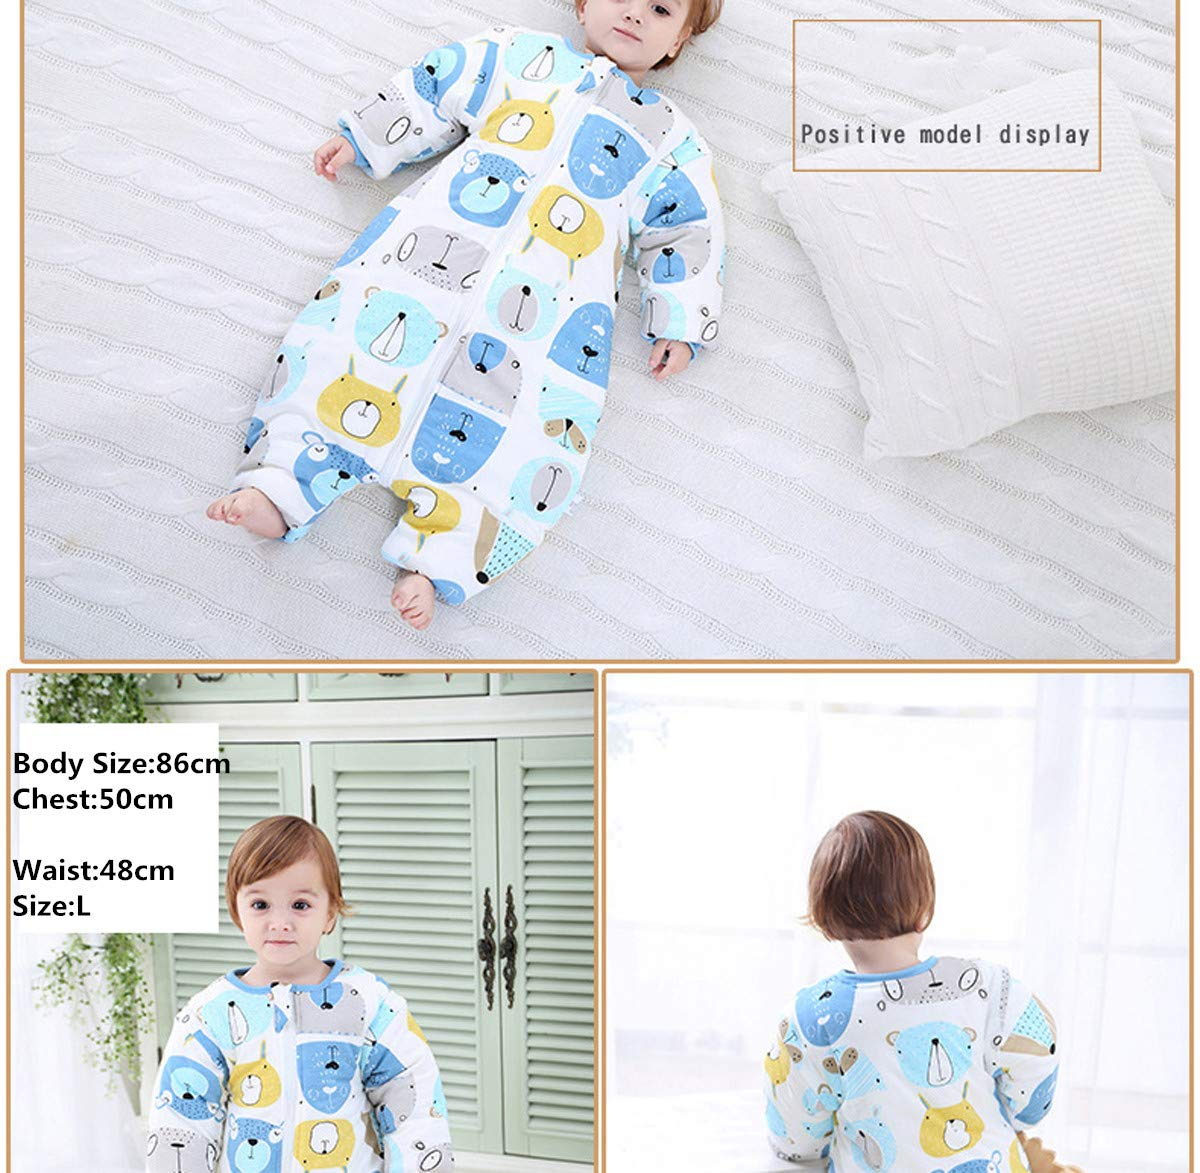 Saco de dormir para bebé con piernas forradas para invierno, de manga larga, con pies, 3,5 tog. rojo rojo Talla:M/Körpergröße 70cm-80cm